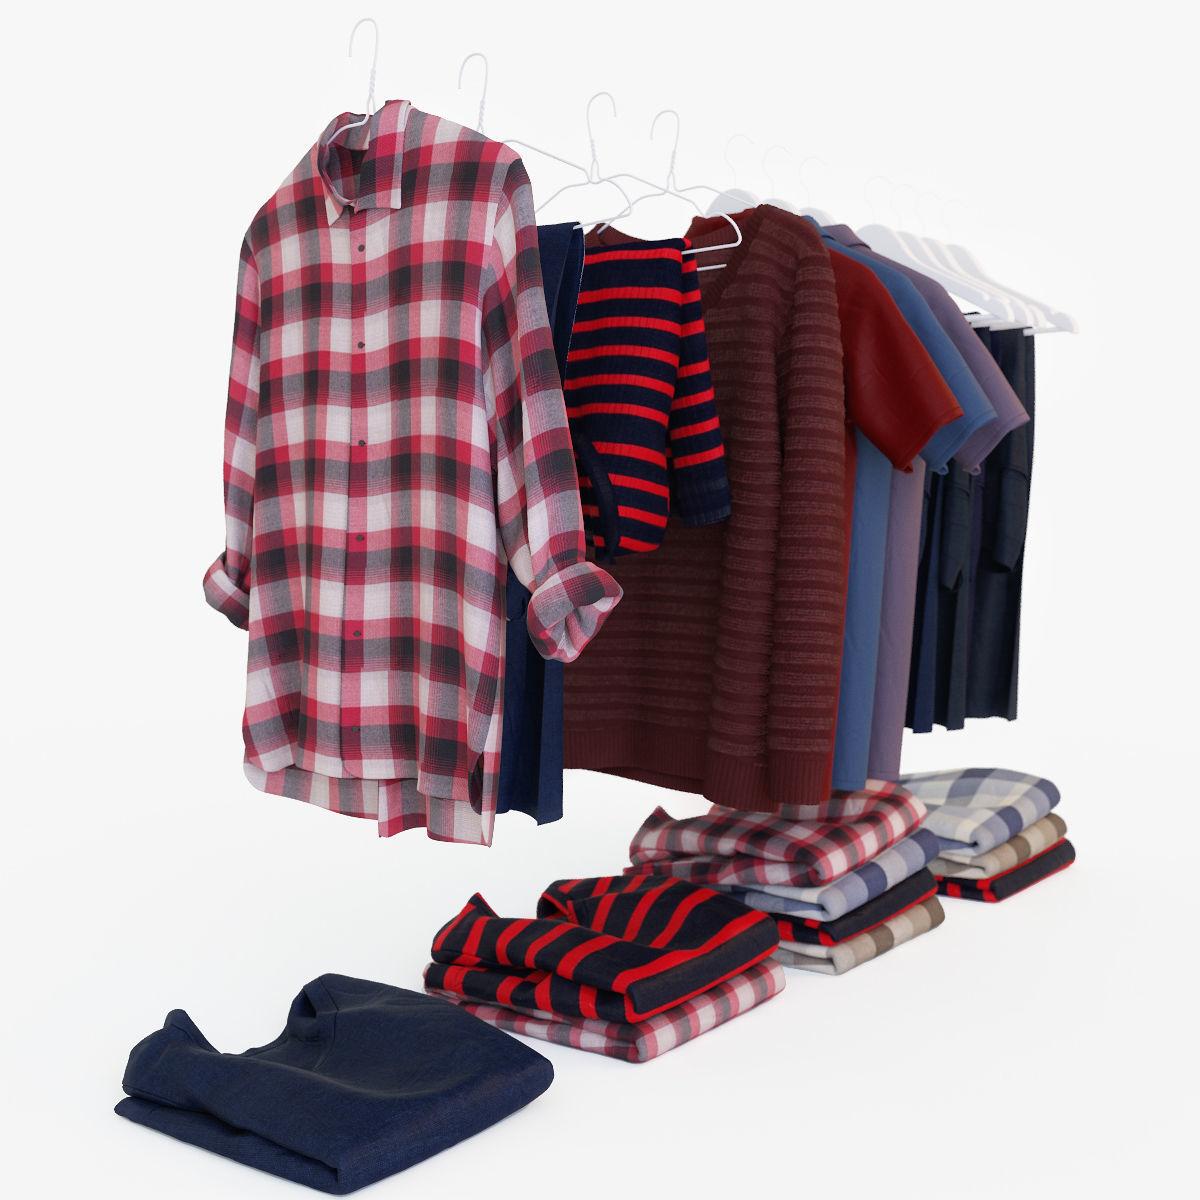 Male wardrobe 2